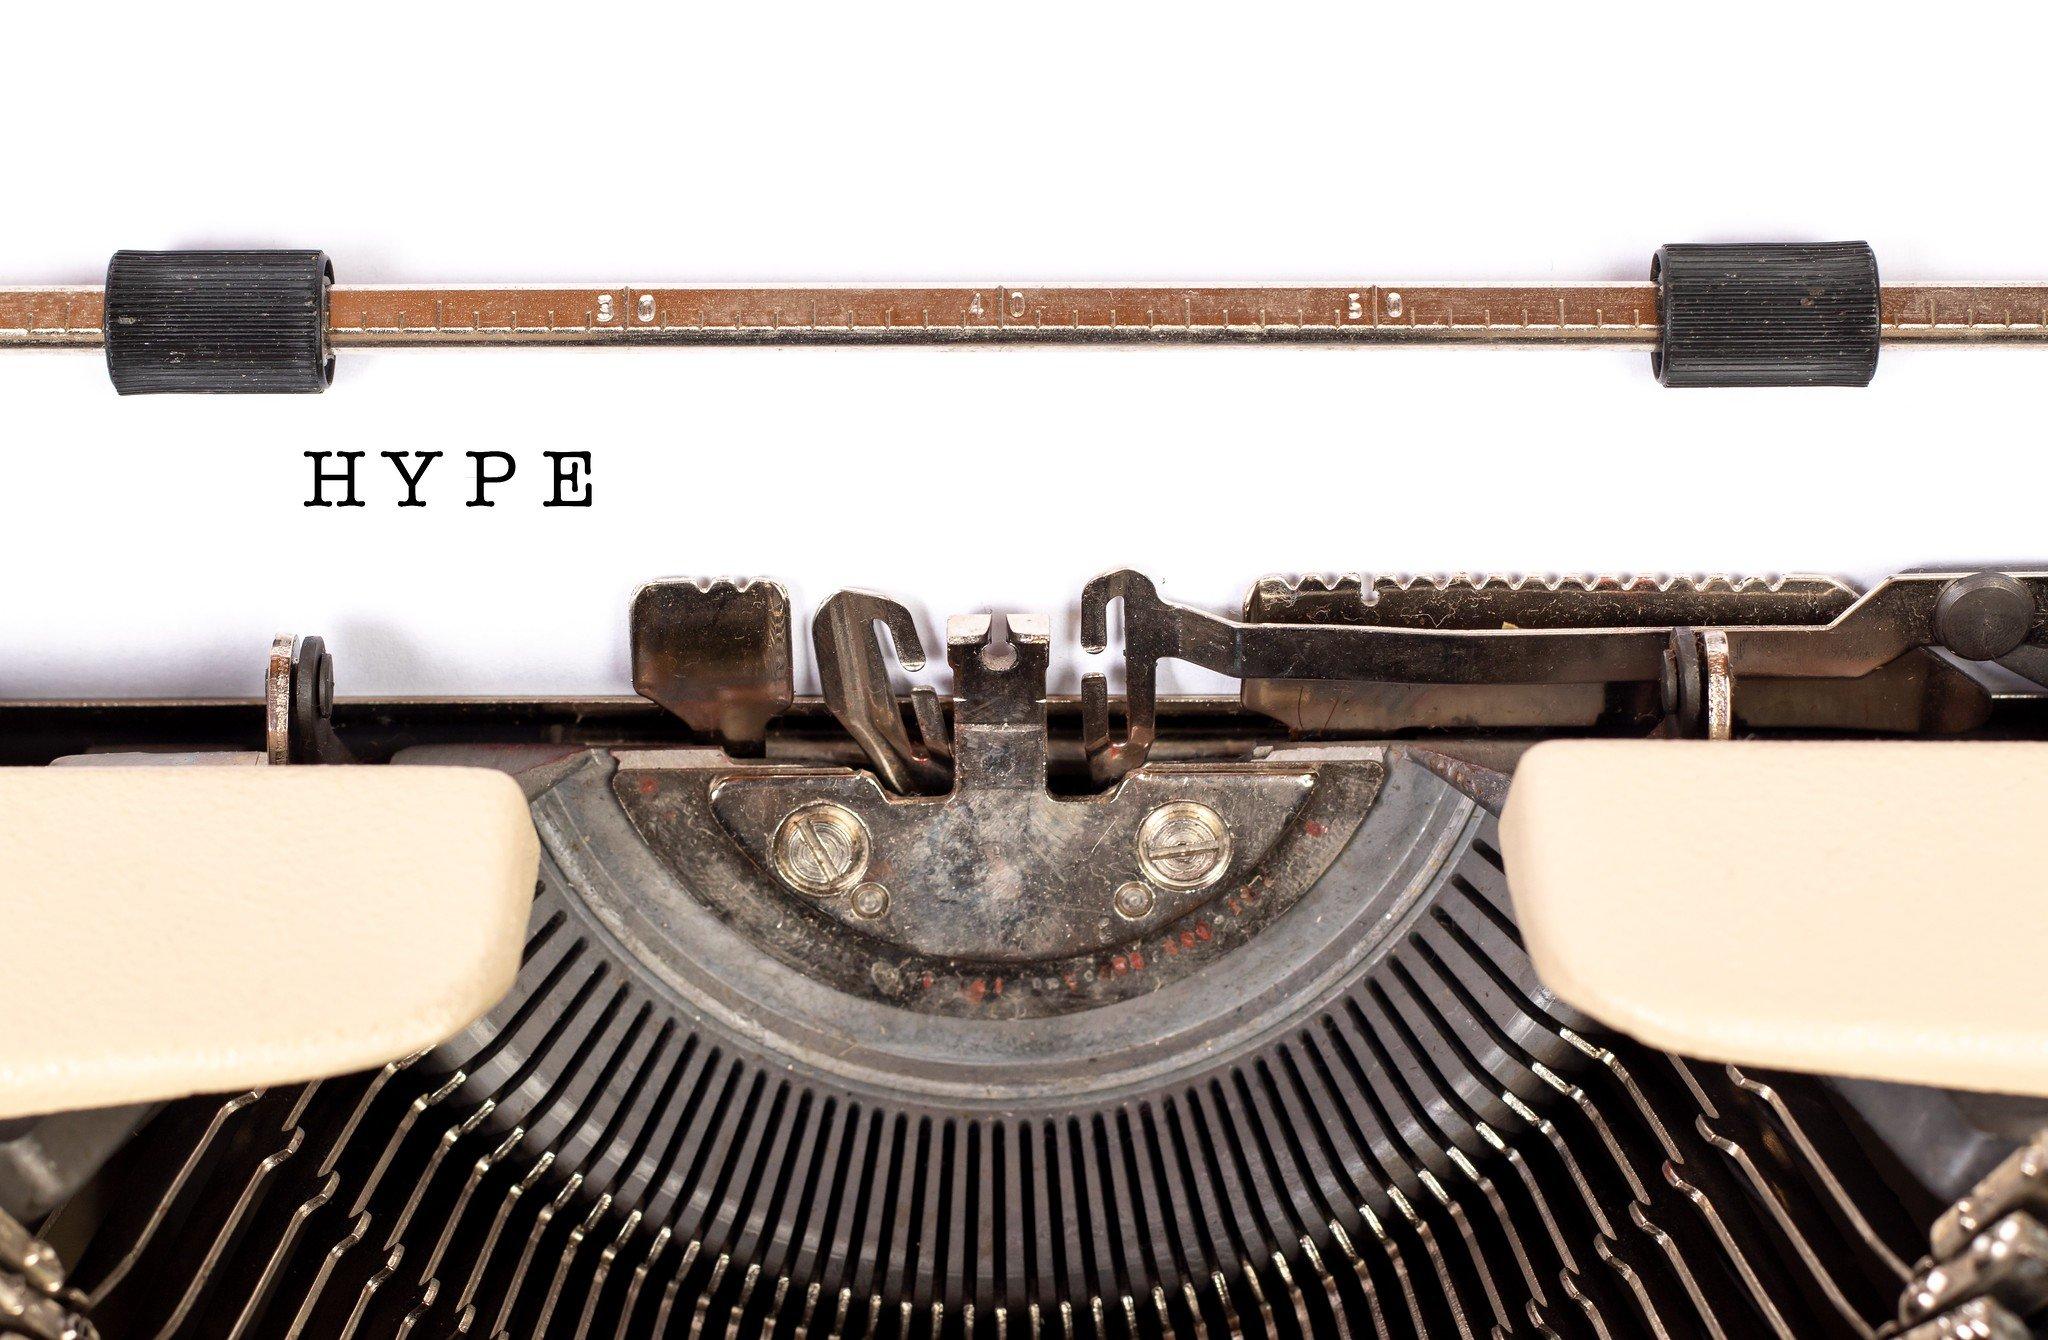 Tech-Hype